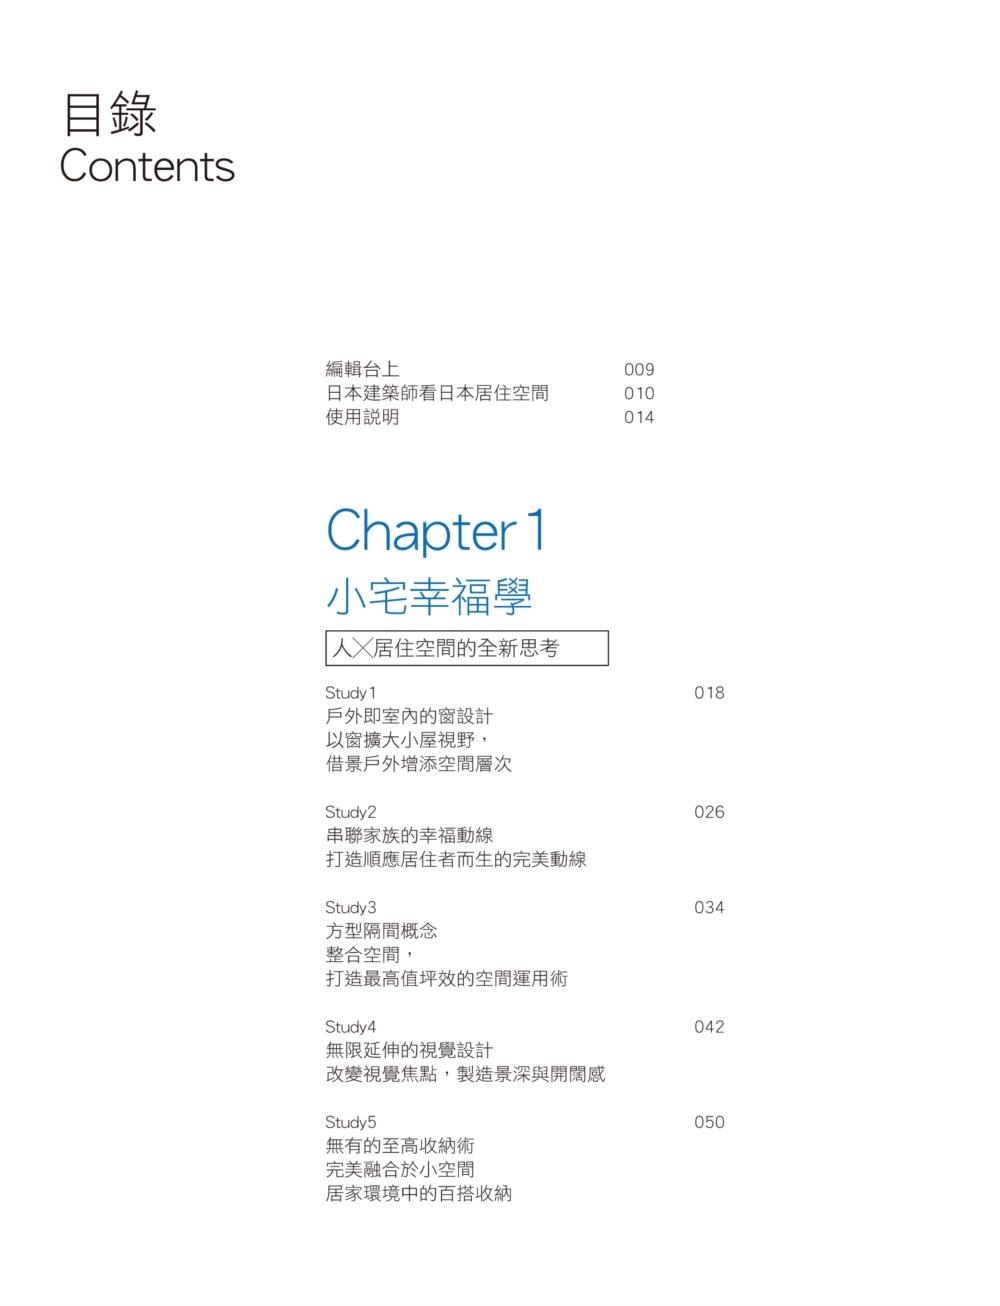 http://im2.book.com.tw/image/getImage?i=http://www.books.com.tw/img/001/069/86/0010698618_bi_01.jpg&v=5666cd90&w=655&h=609